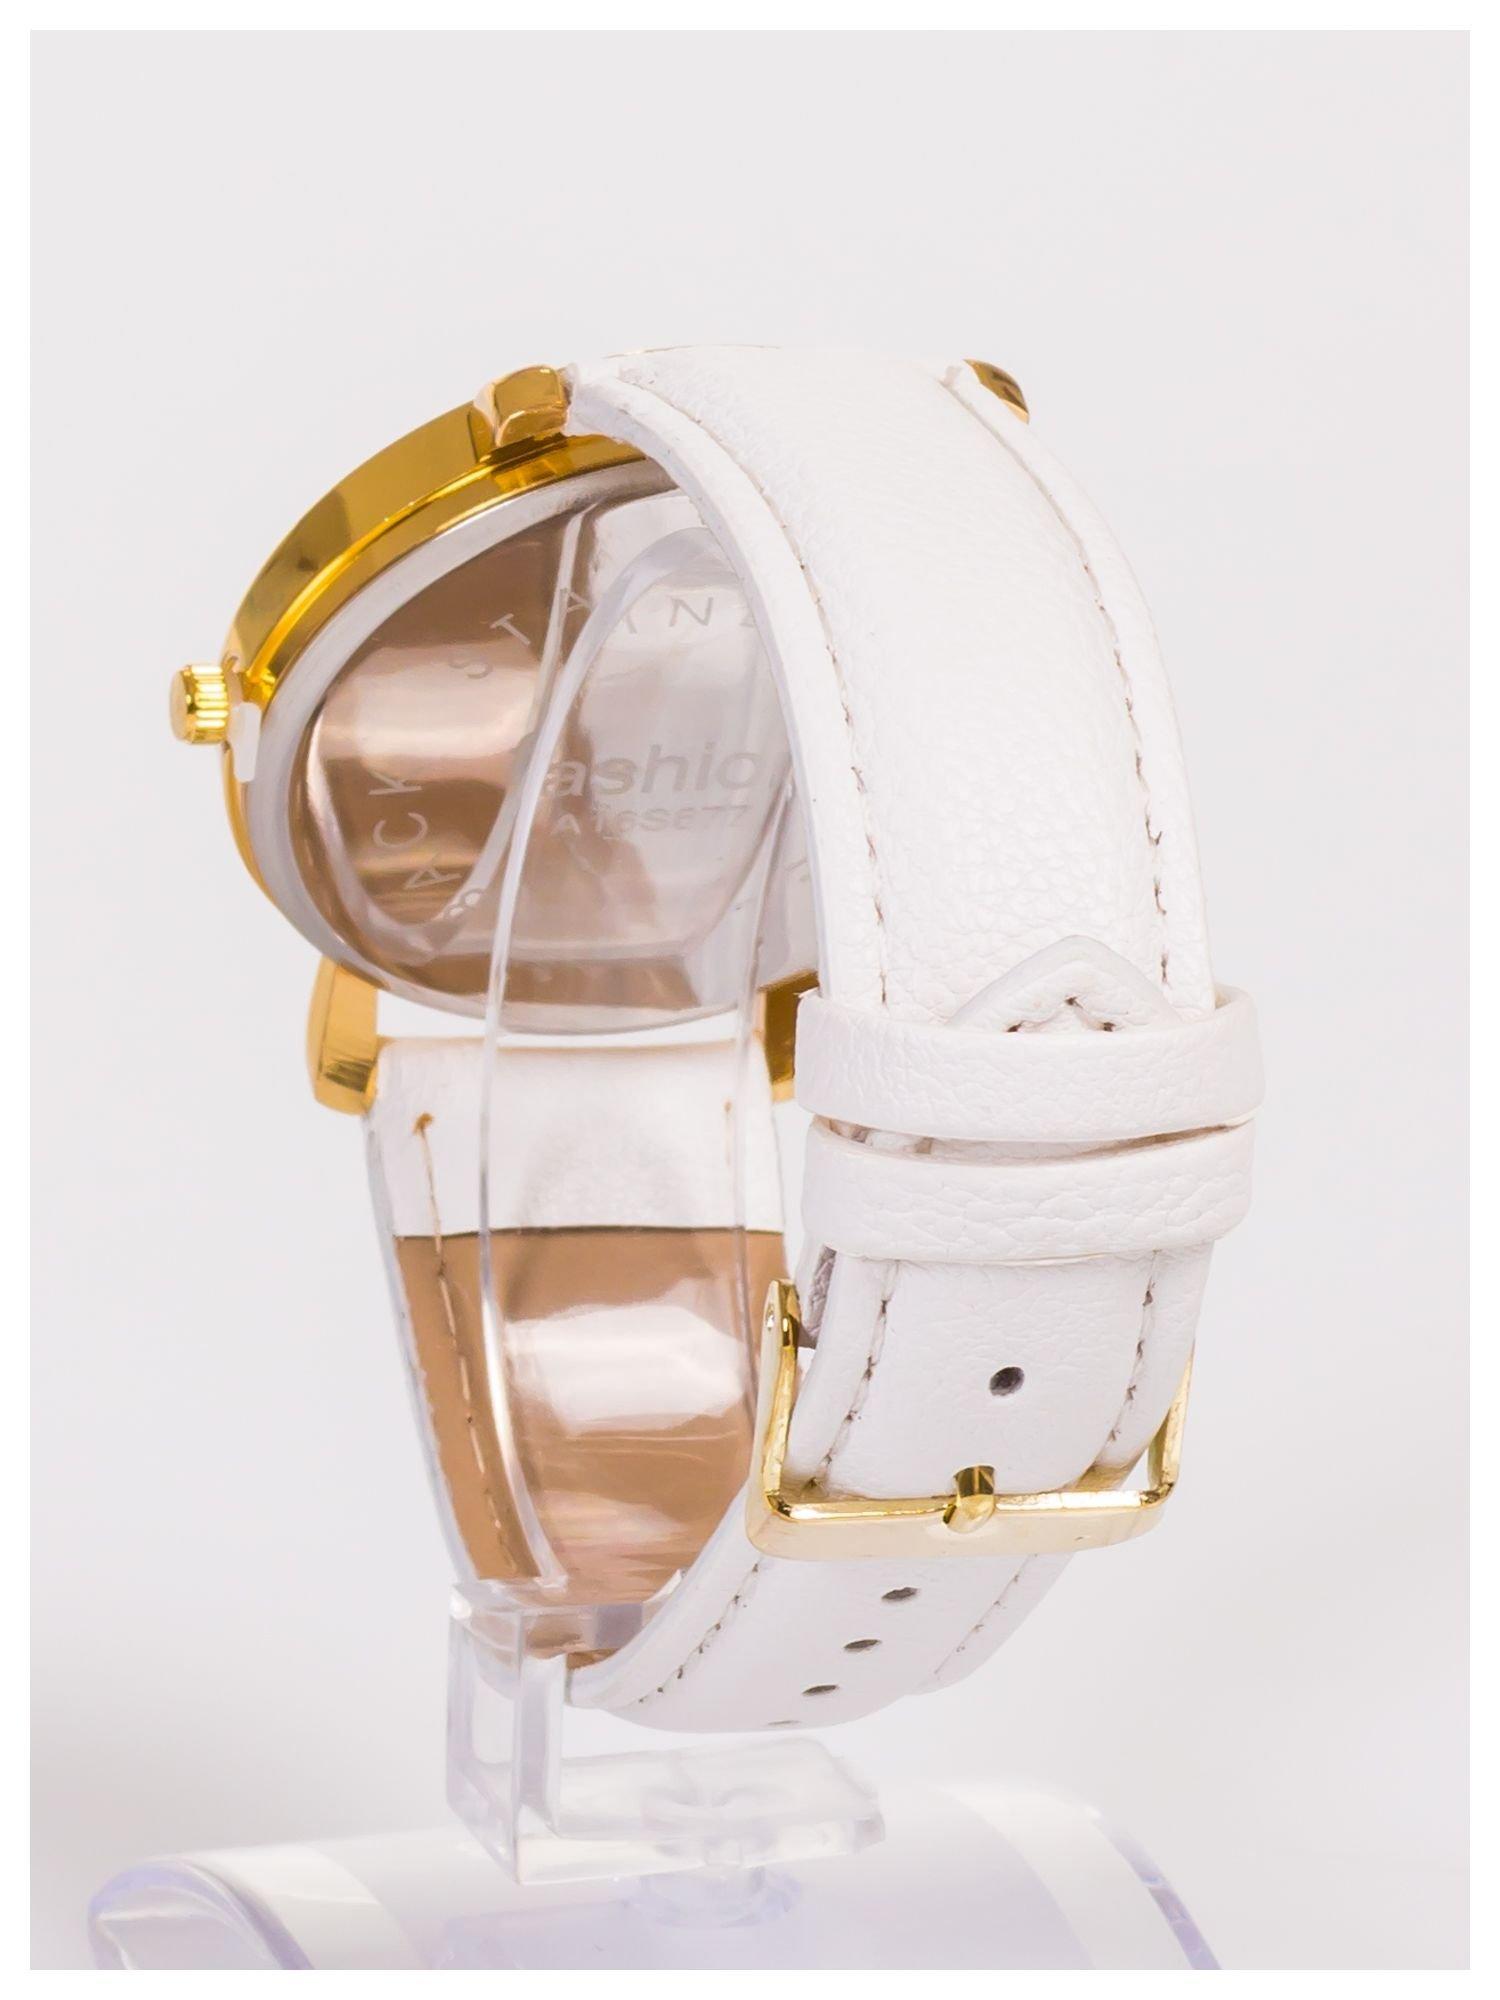 Damski zegarek z błyszczącym motylkiem na dużej i wyraźnej tarczy                                   zdj.                                  4